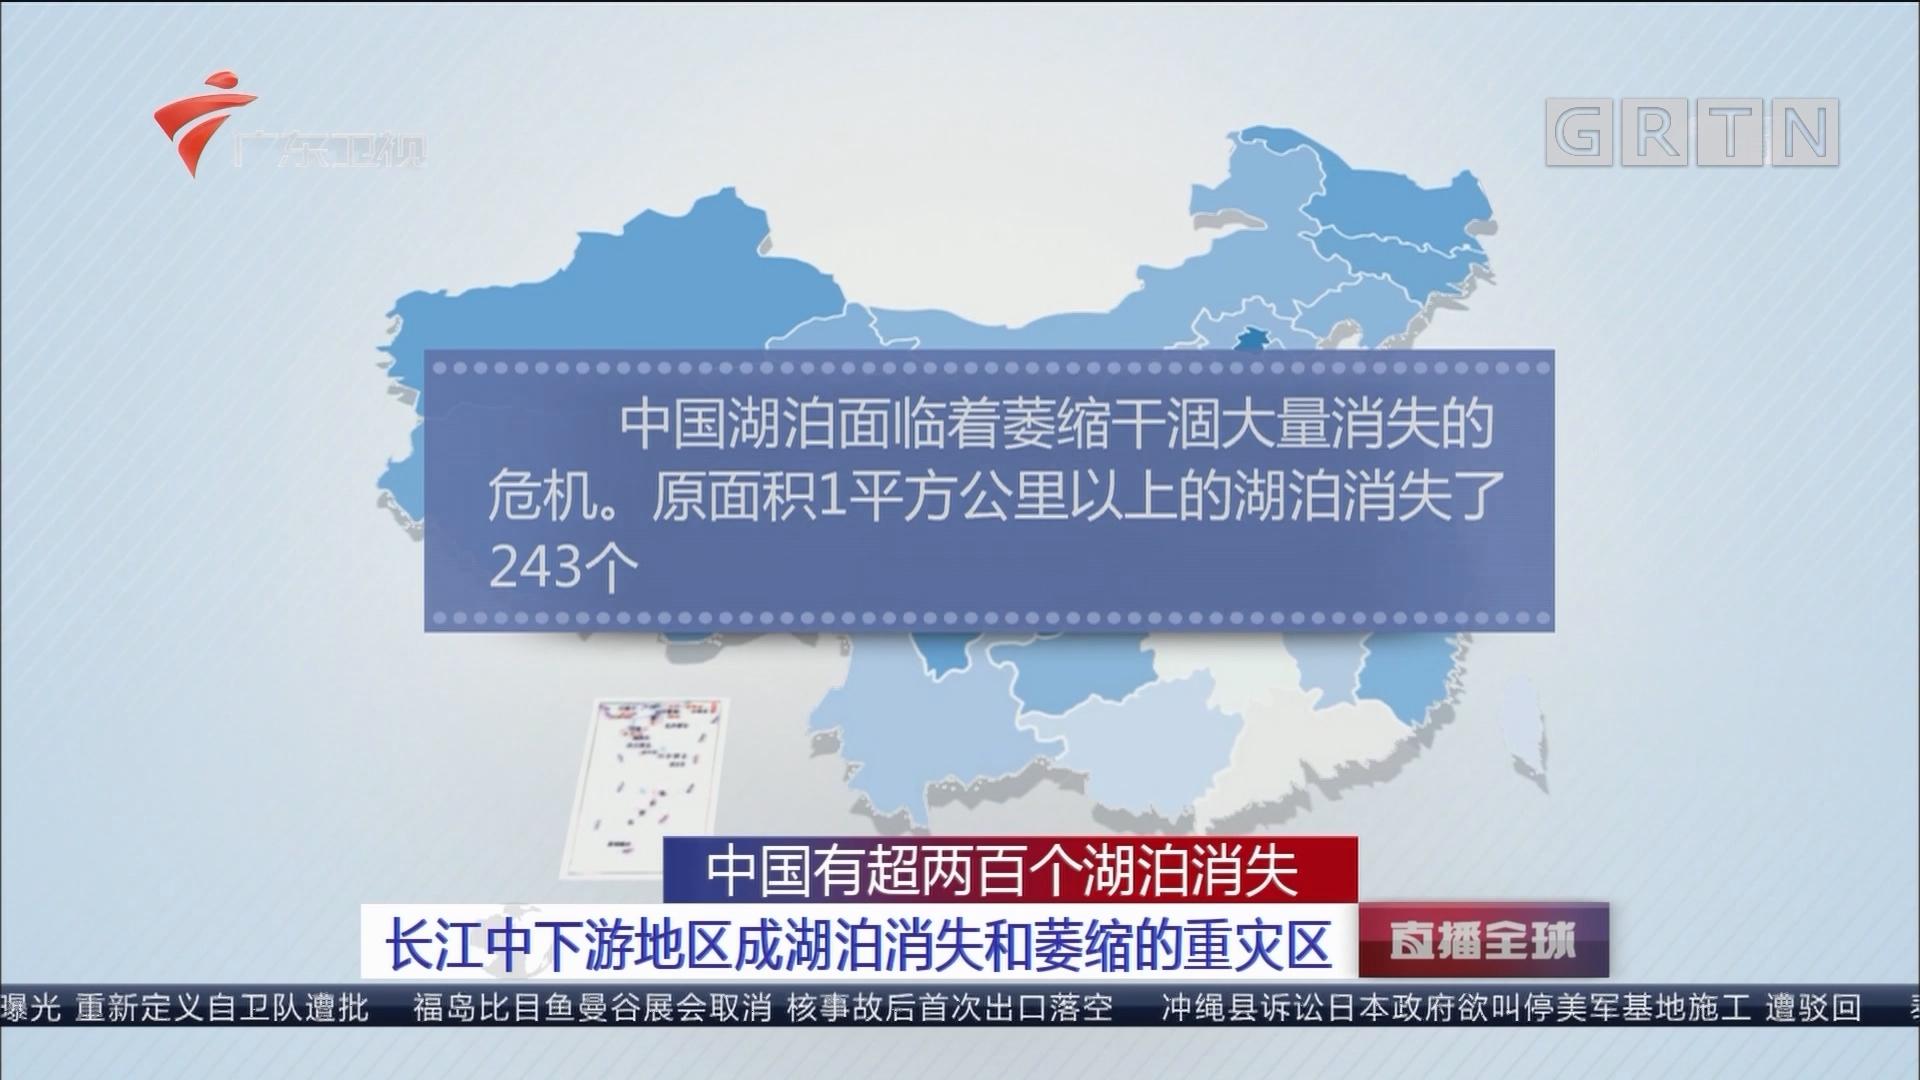 中国有超两百个湖泊消失:长江中下游地区成湖泊消失和萎缩的重灾区